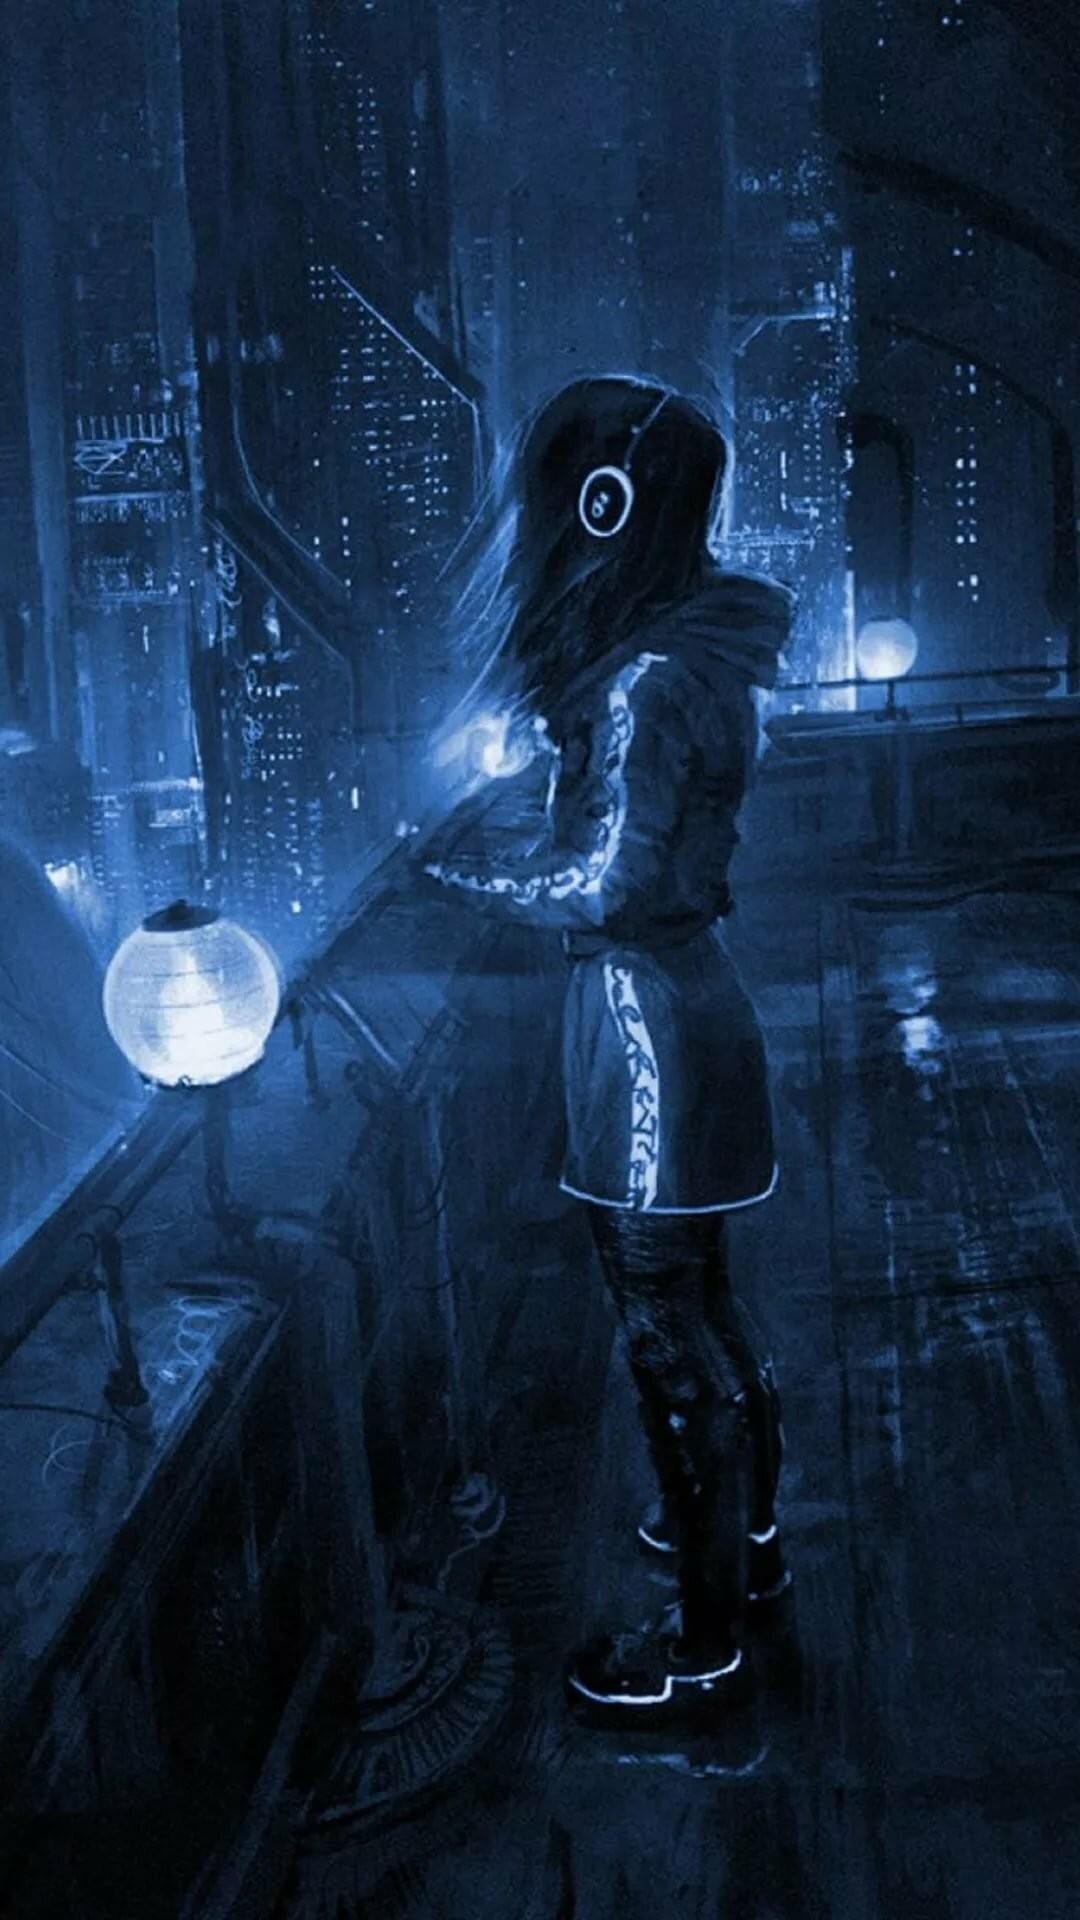 Cyberpunk iPhone 5 wallpaper